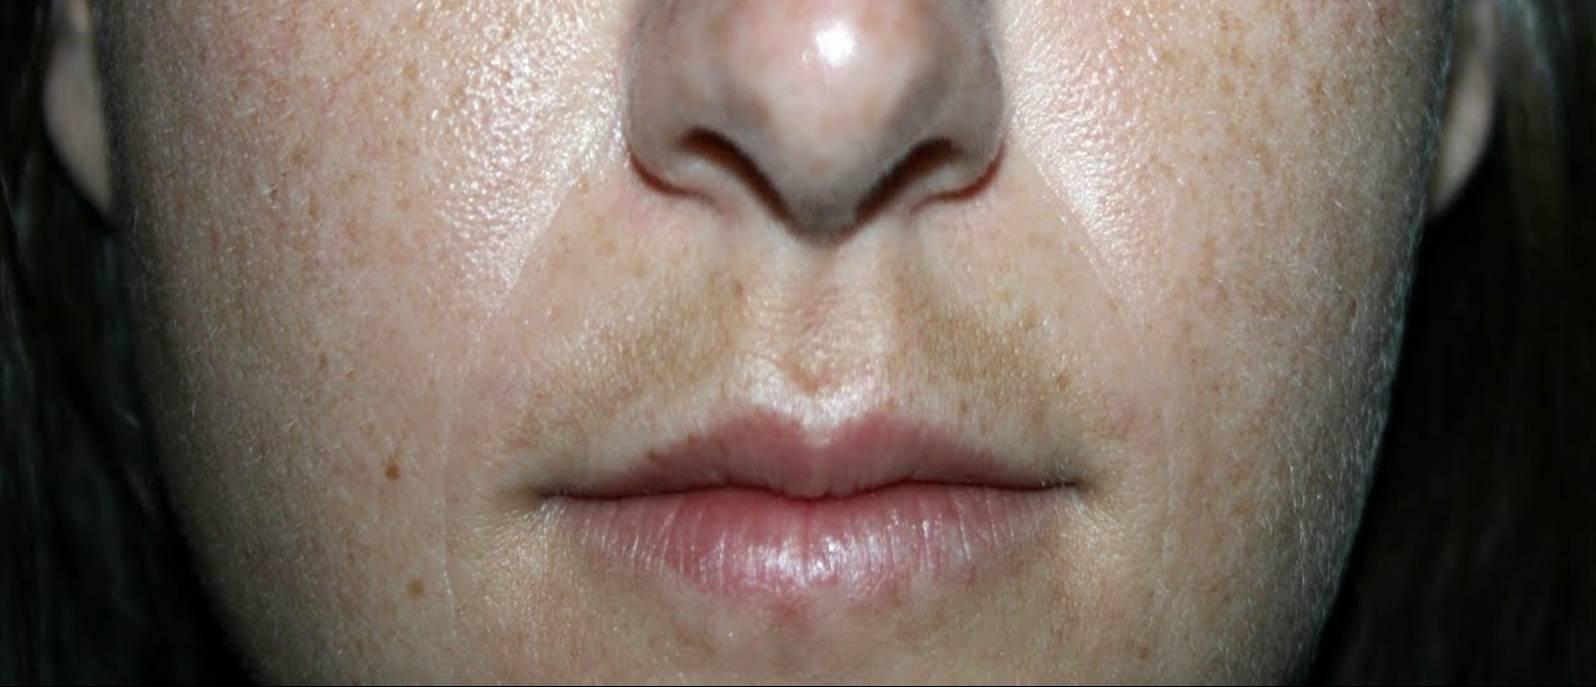 Dermatofibroma: un lunar duro en la pierna | Doctora Lorea ...